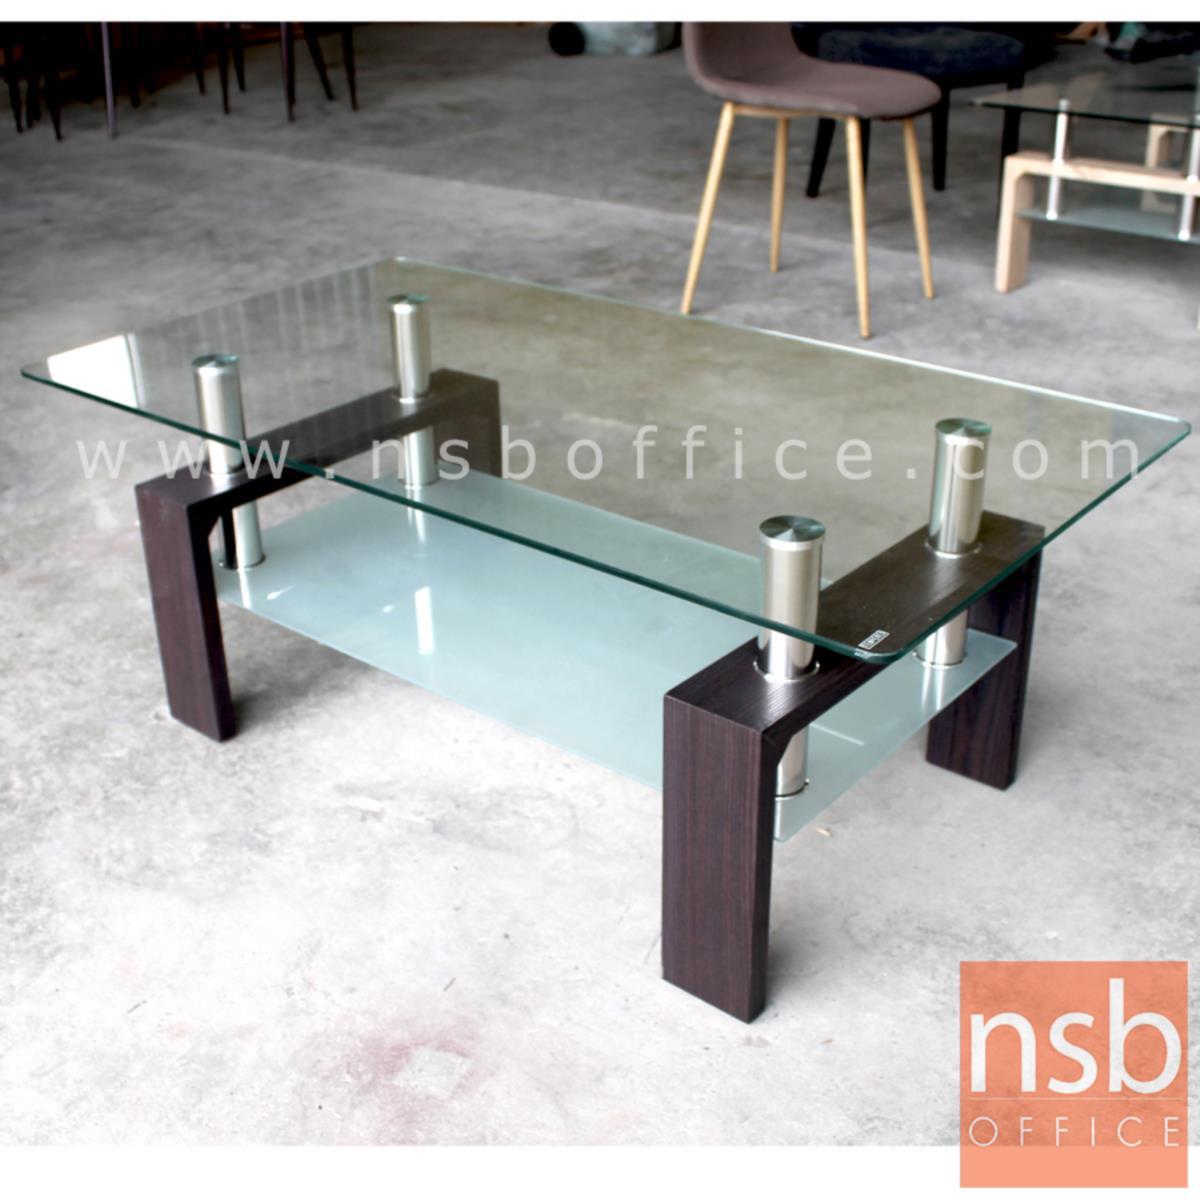 โต๊ะกลางกระจก รุ่น Sherrod (เชอร์ร็อด) ขนาด 110W cm. ขาไม้